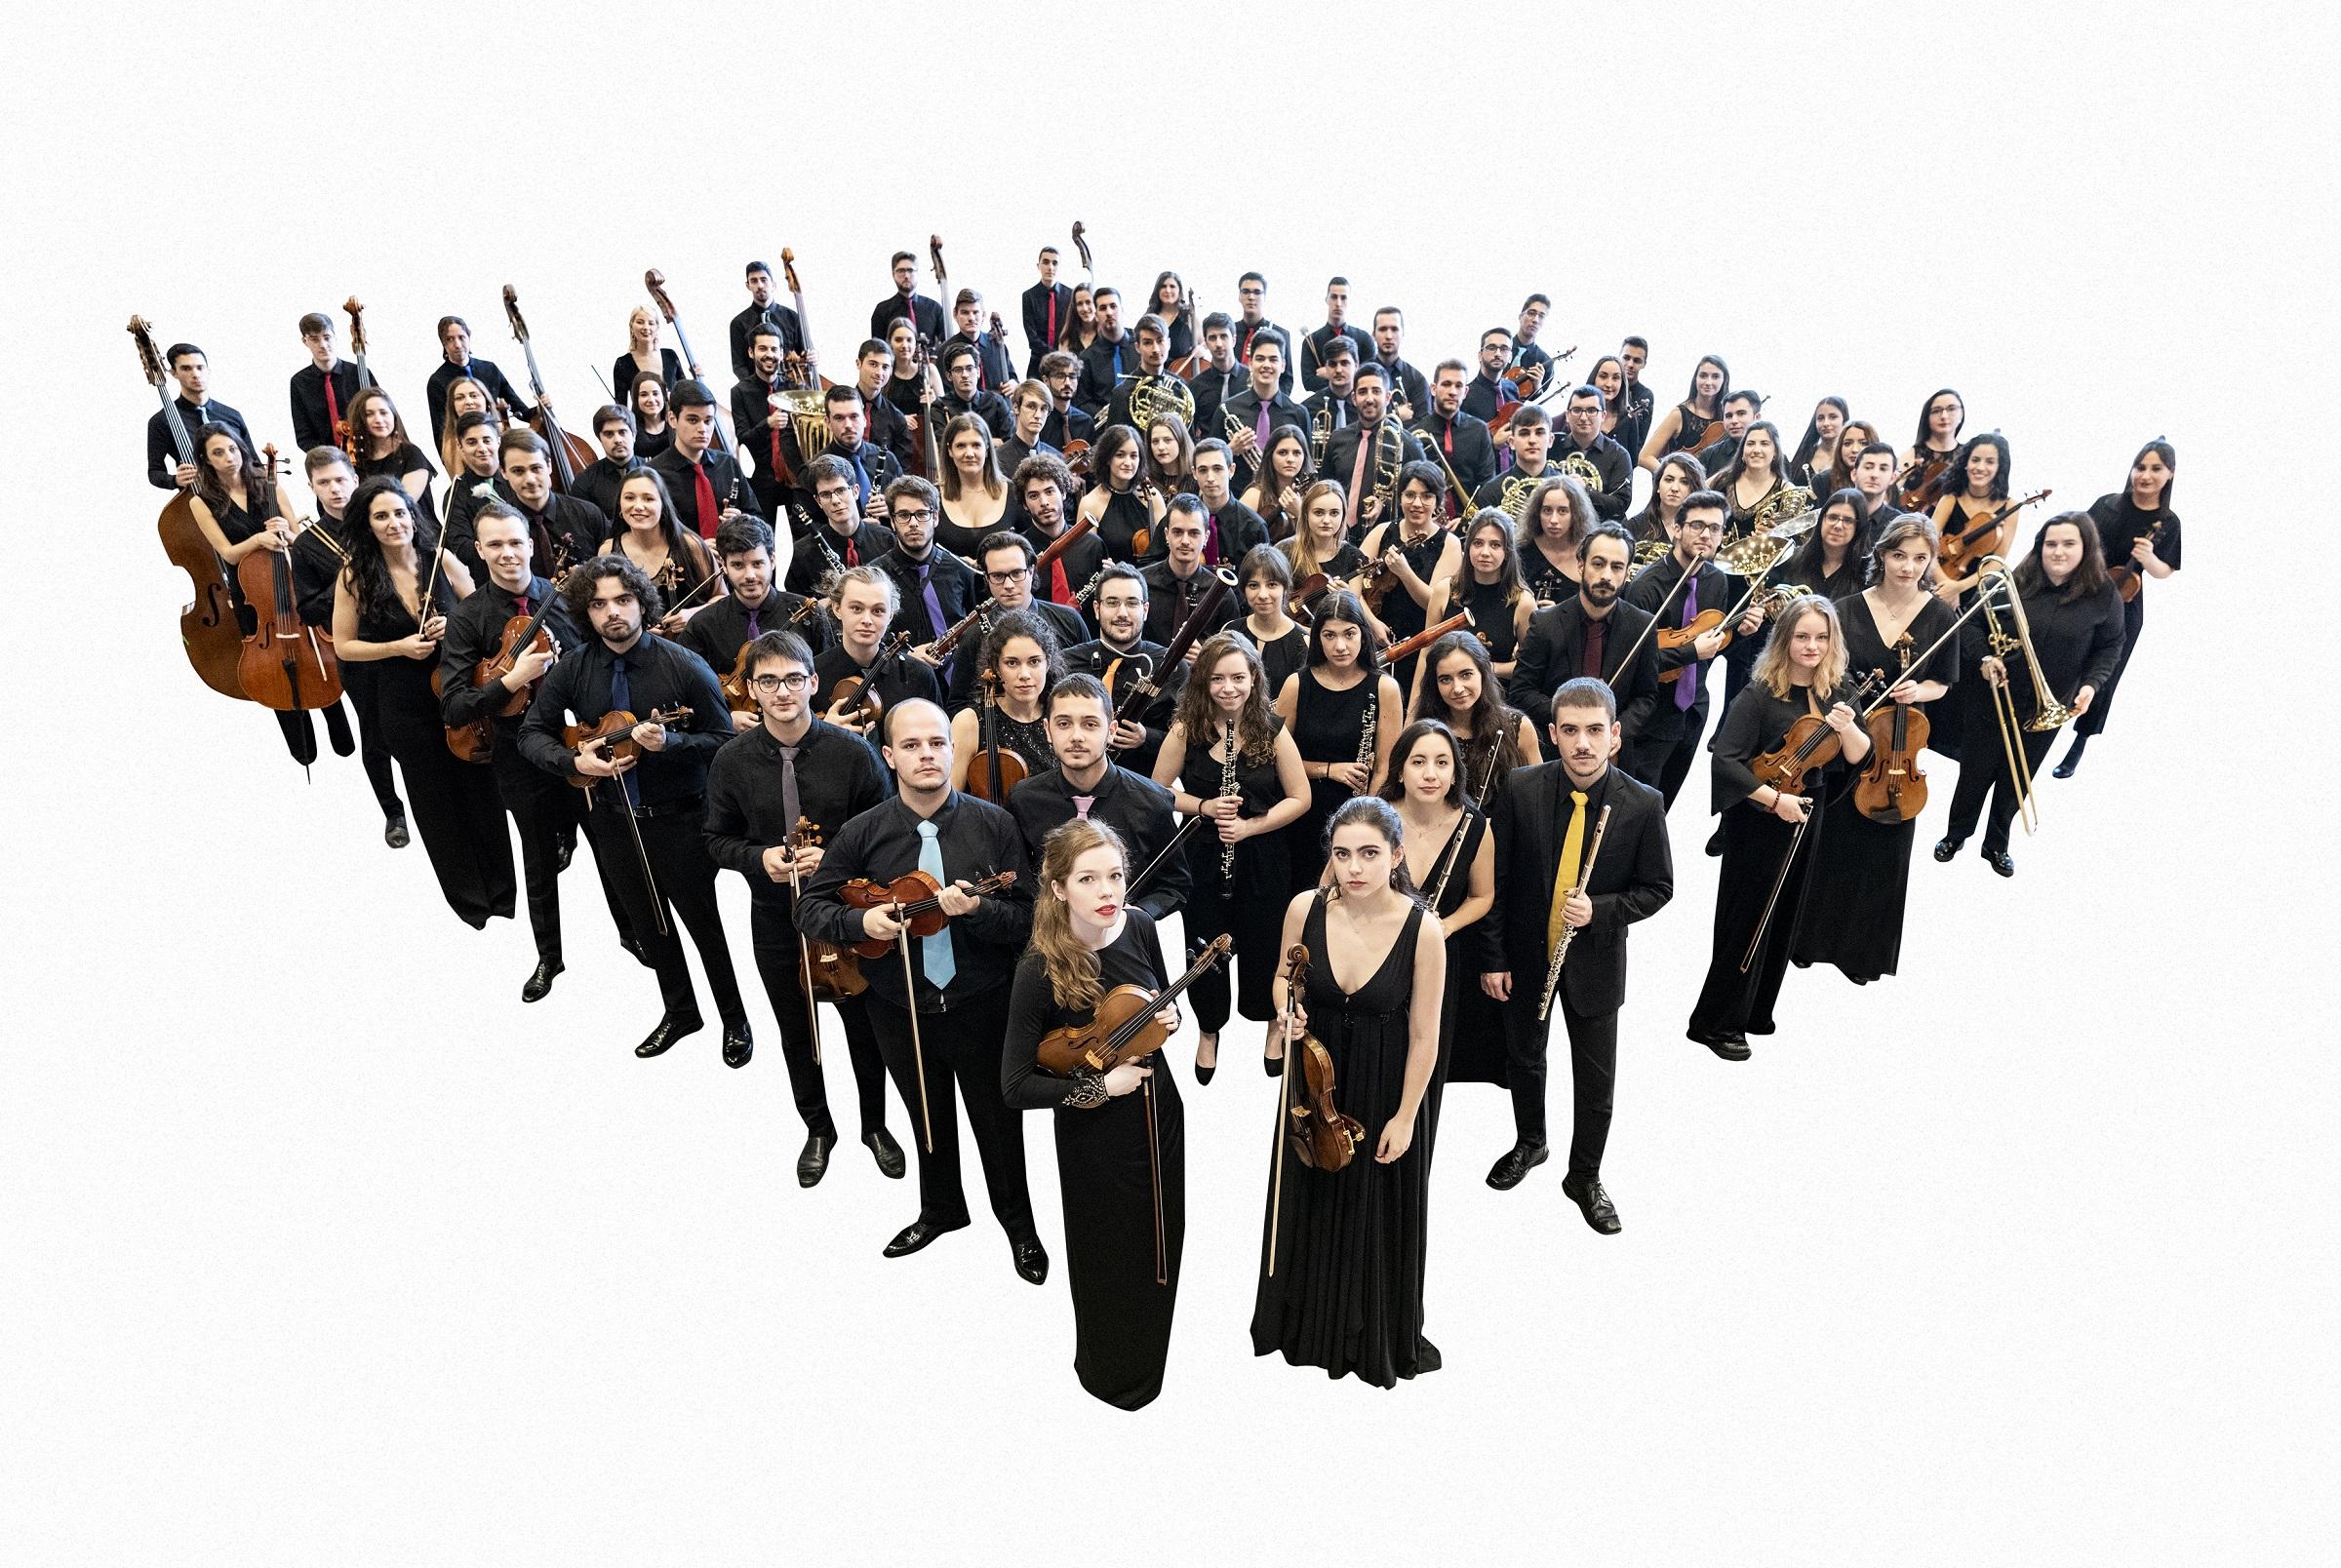 Concierto extraorinario de la Joven Orquesta Nacional de España en el Maestranza